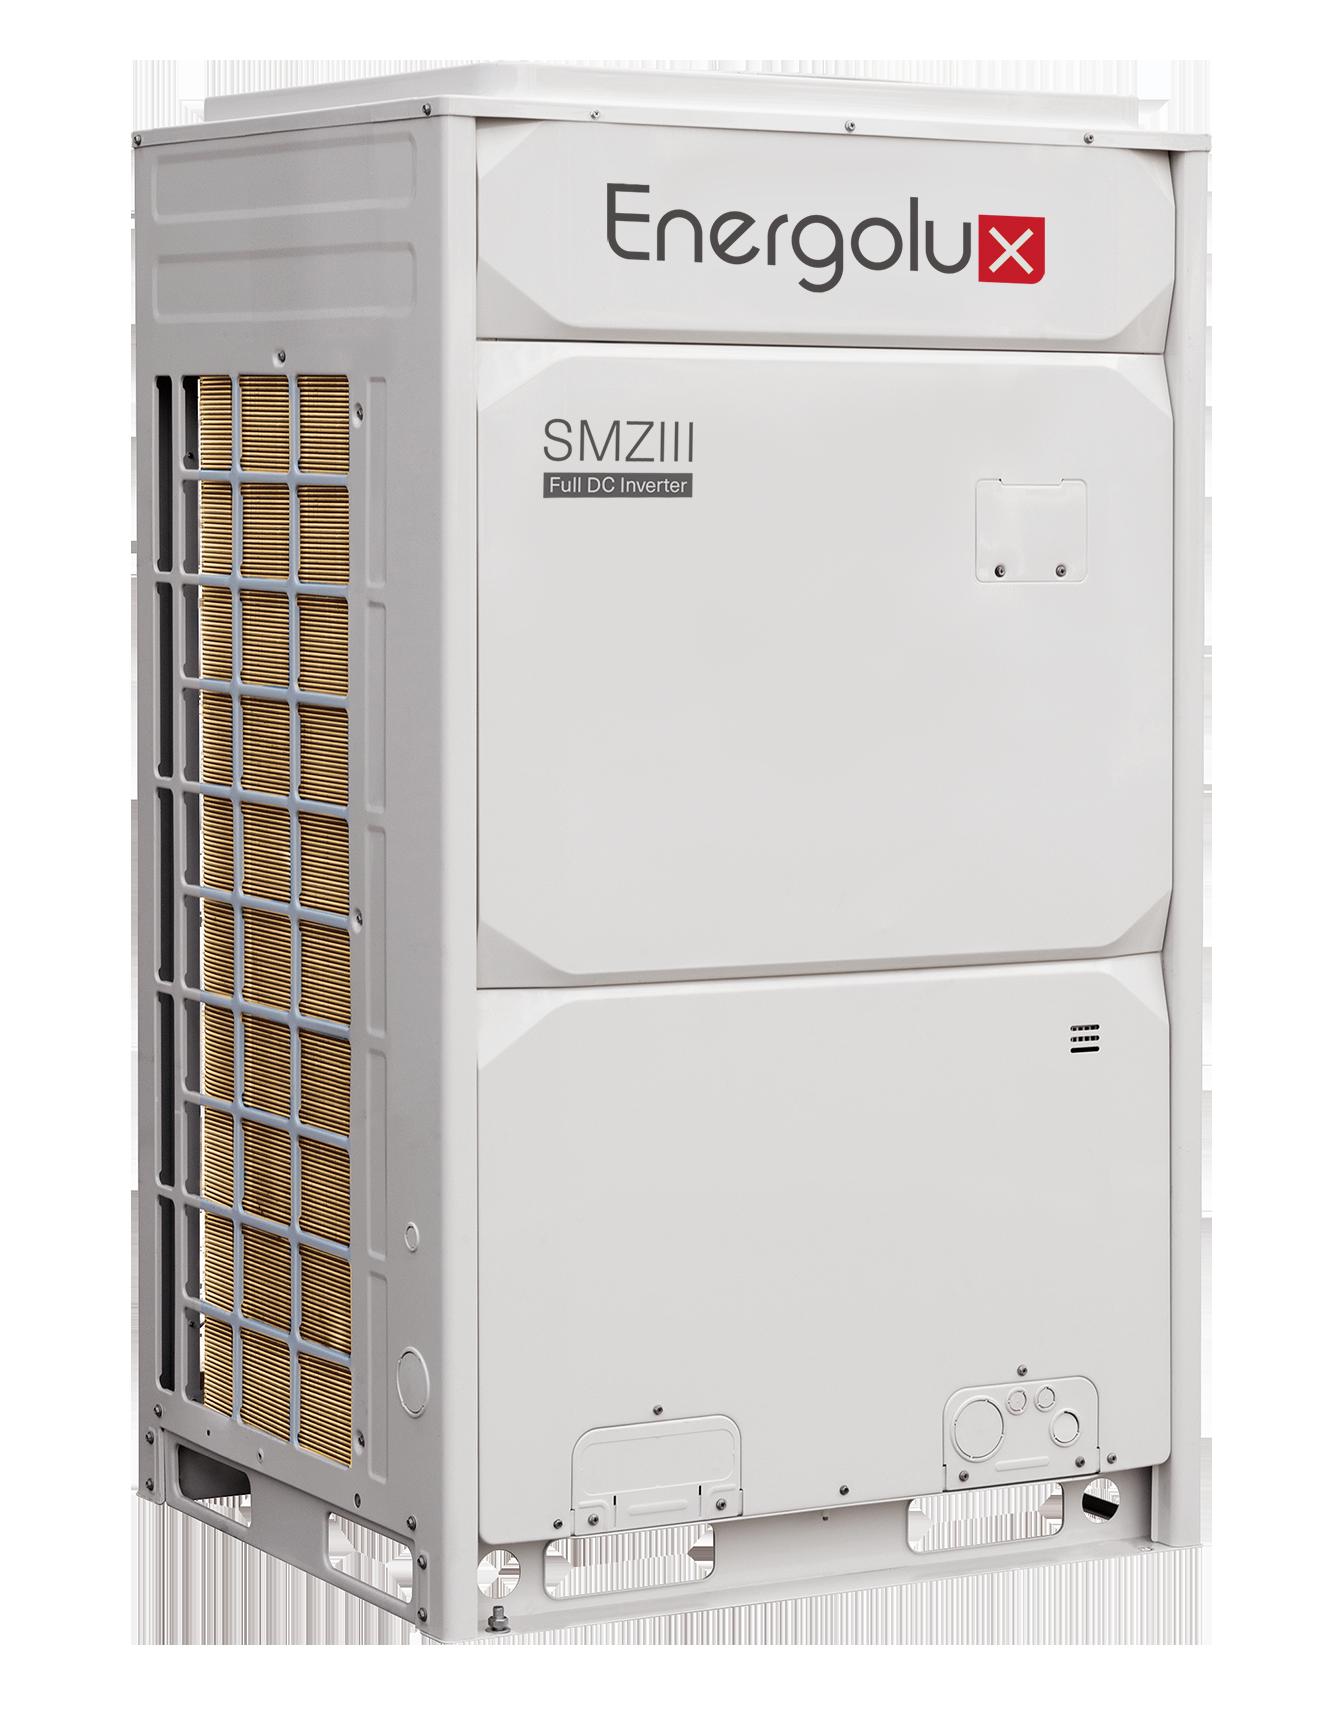 Energolux SMZU96V3AI